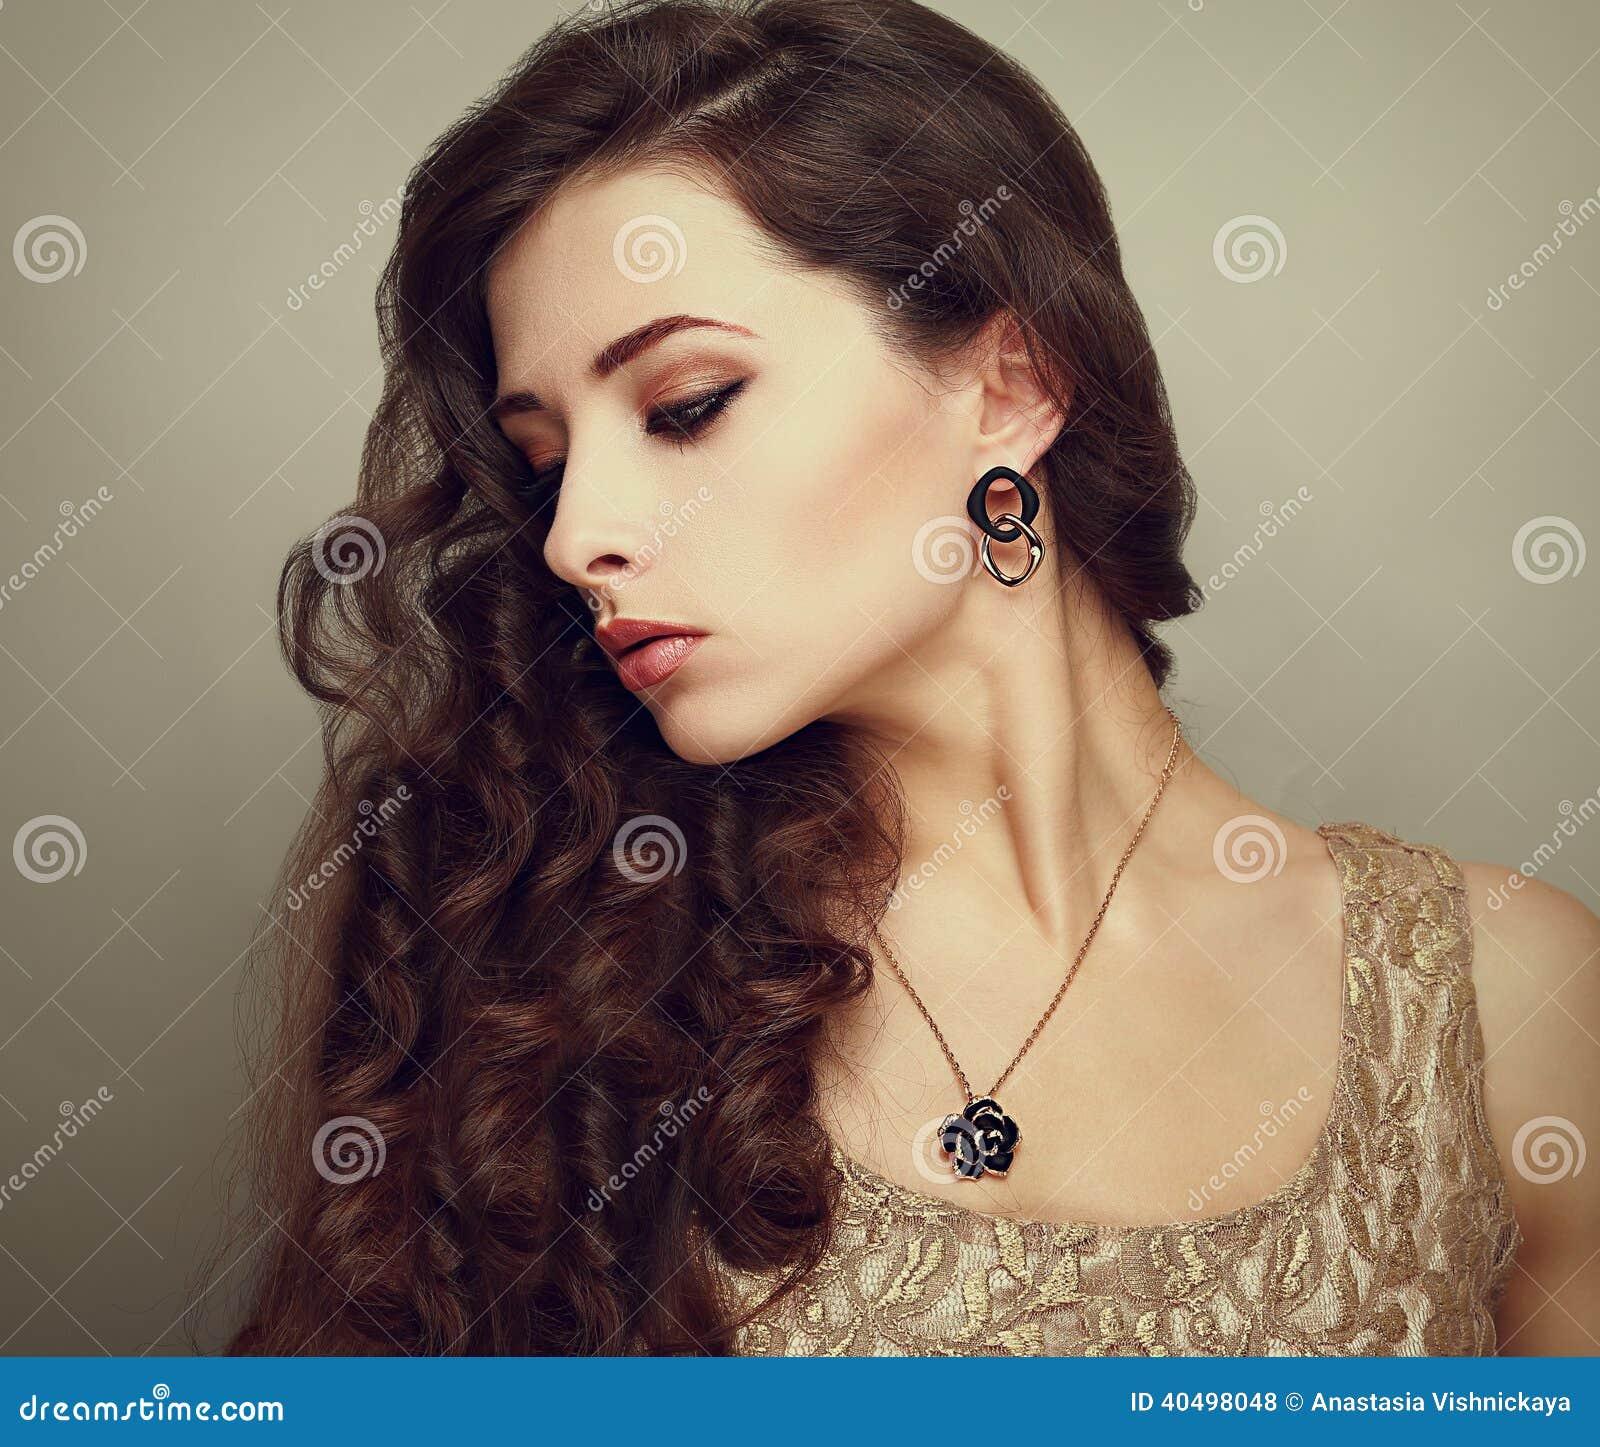 Фото красивых женских профилей 3 фотография